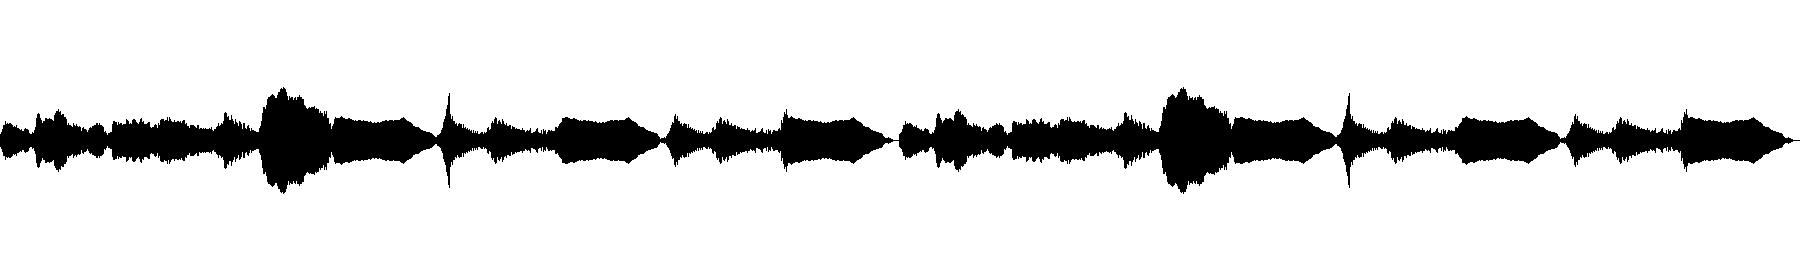 yoshi possion trippy flute   160bpm   a